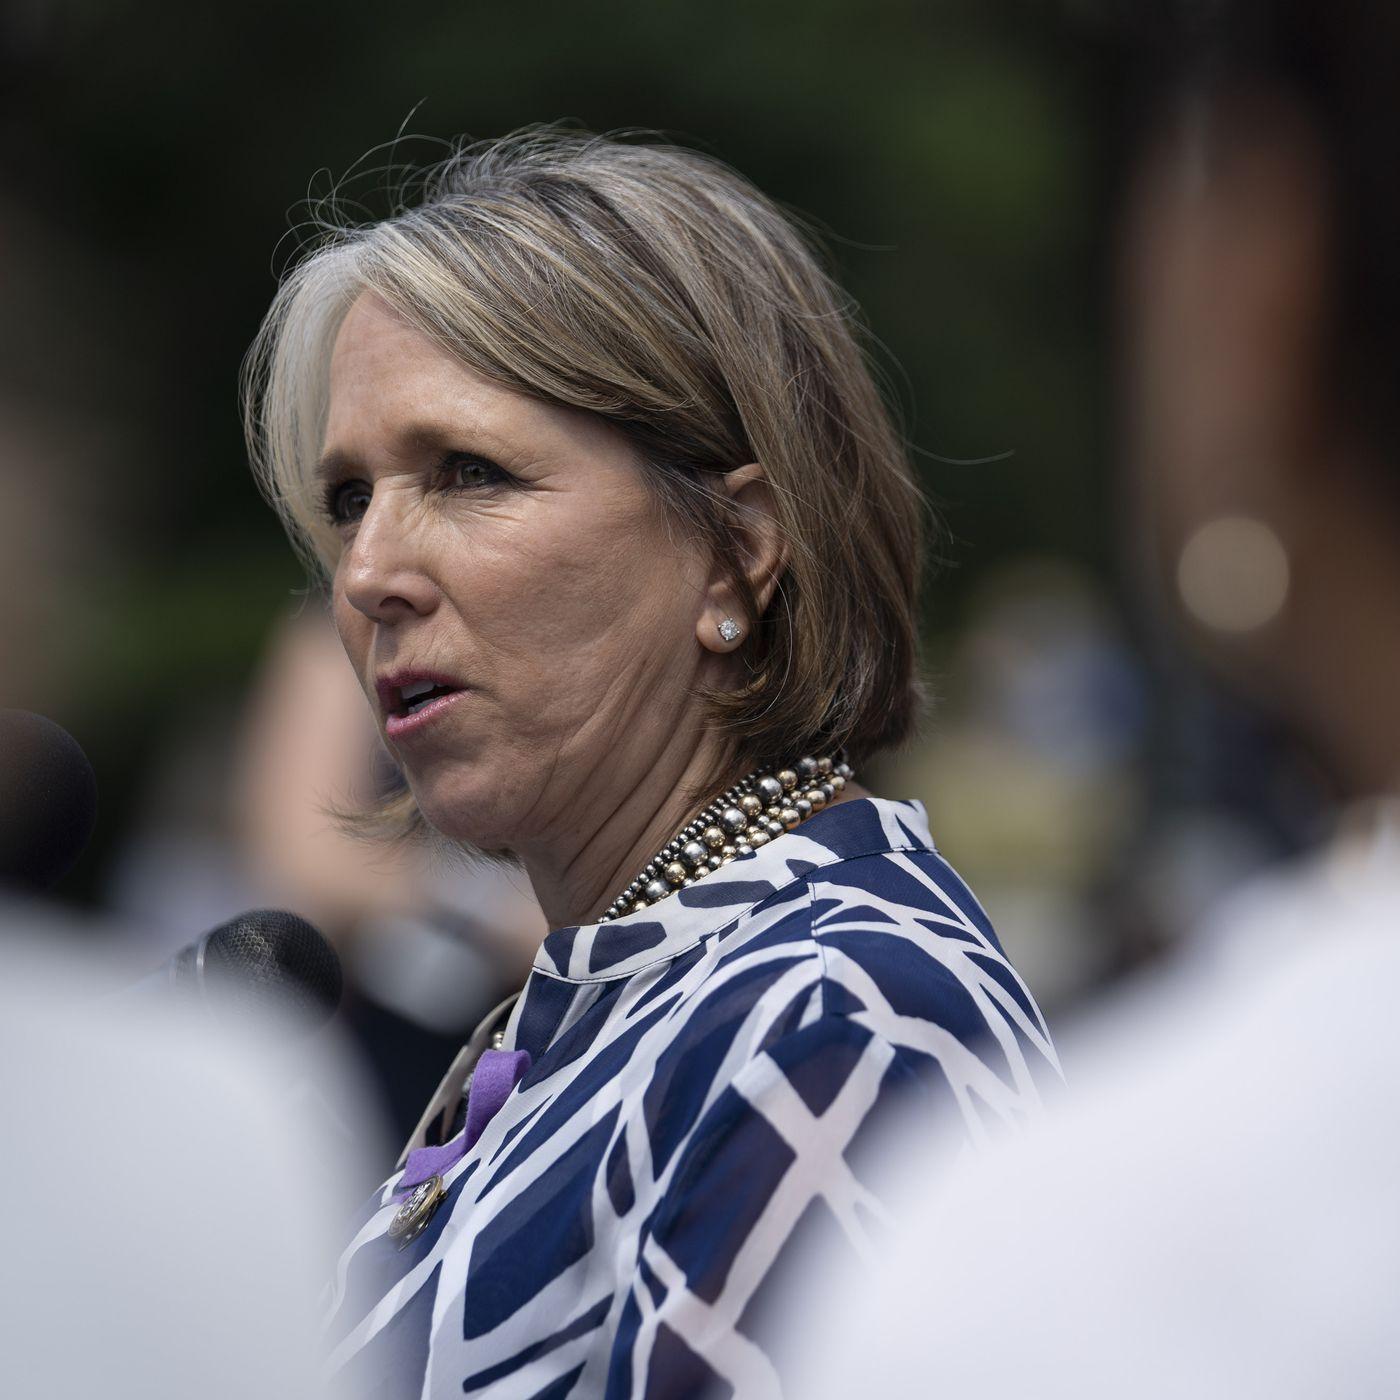 Democrat Michelle Lujan Grisham wins New Mexico governor